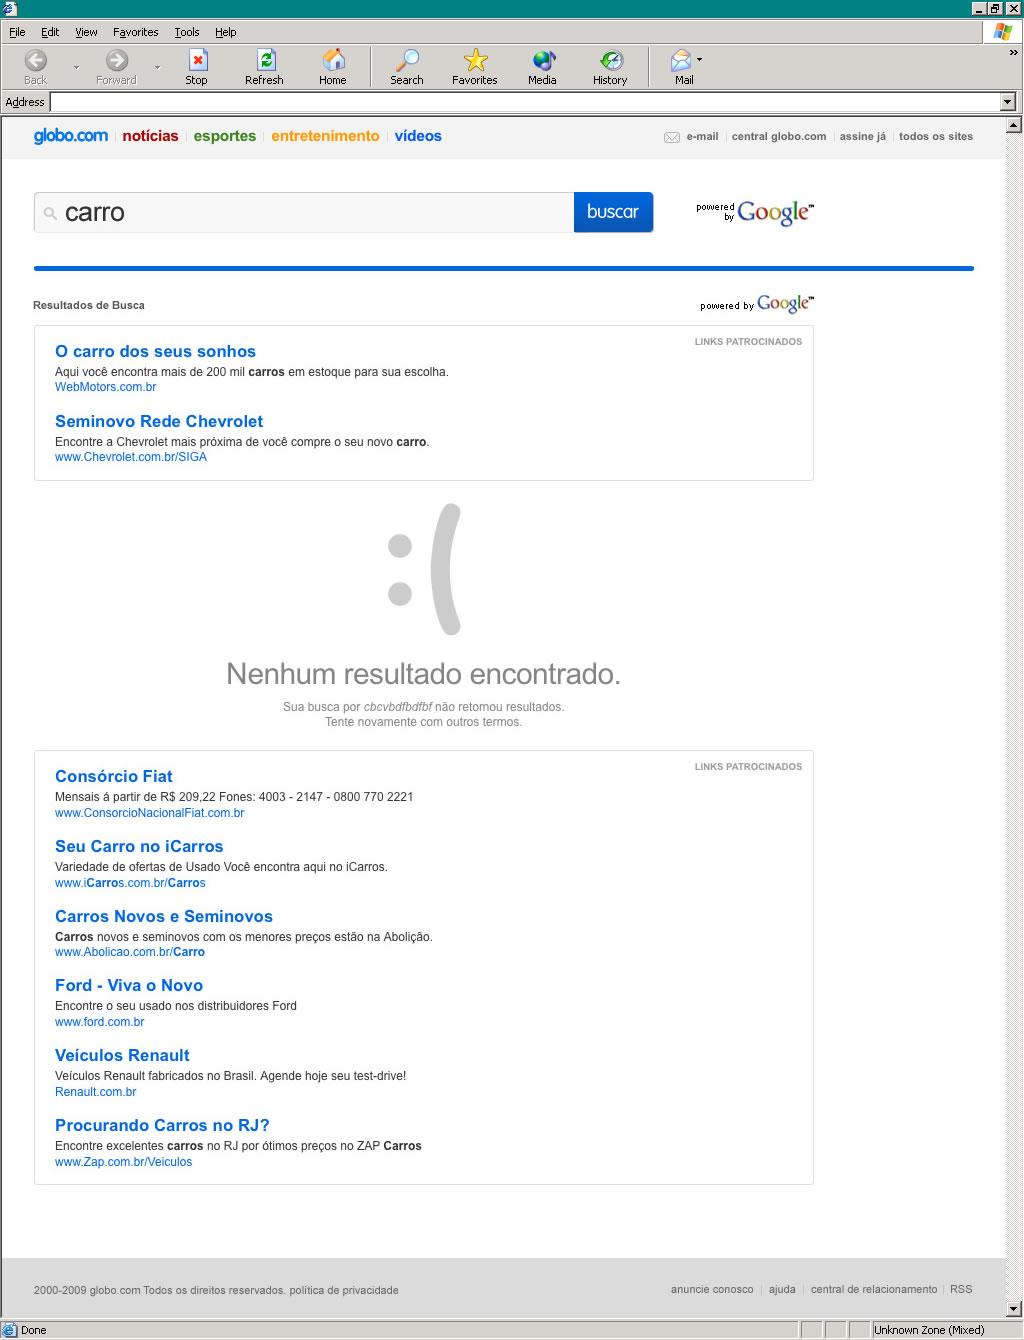 Globo.com's web search